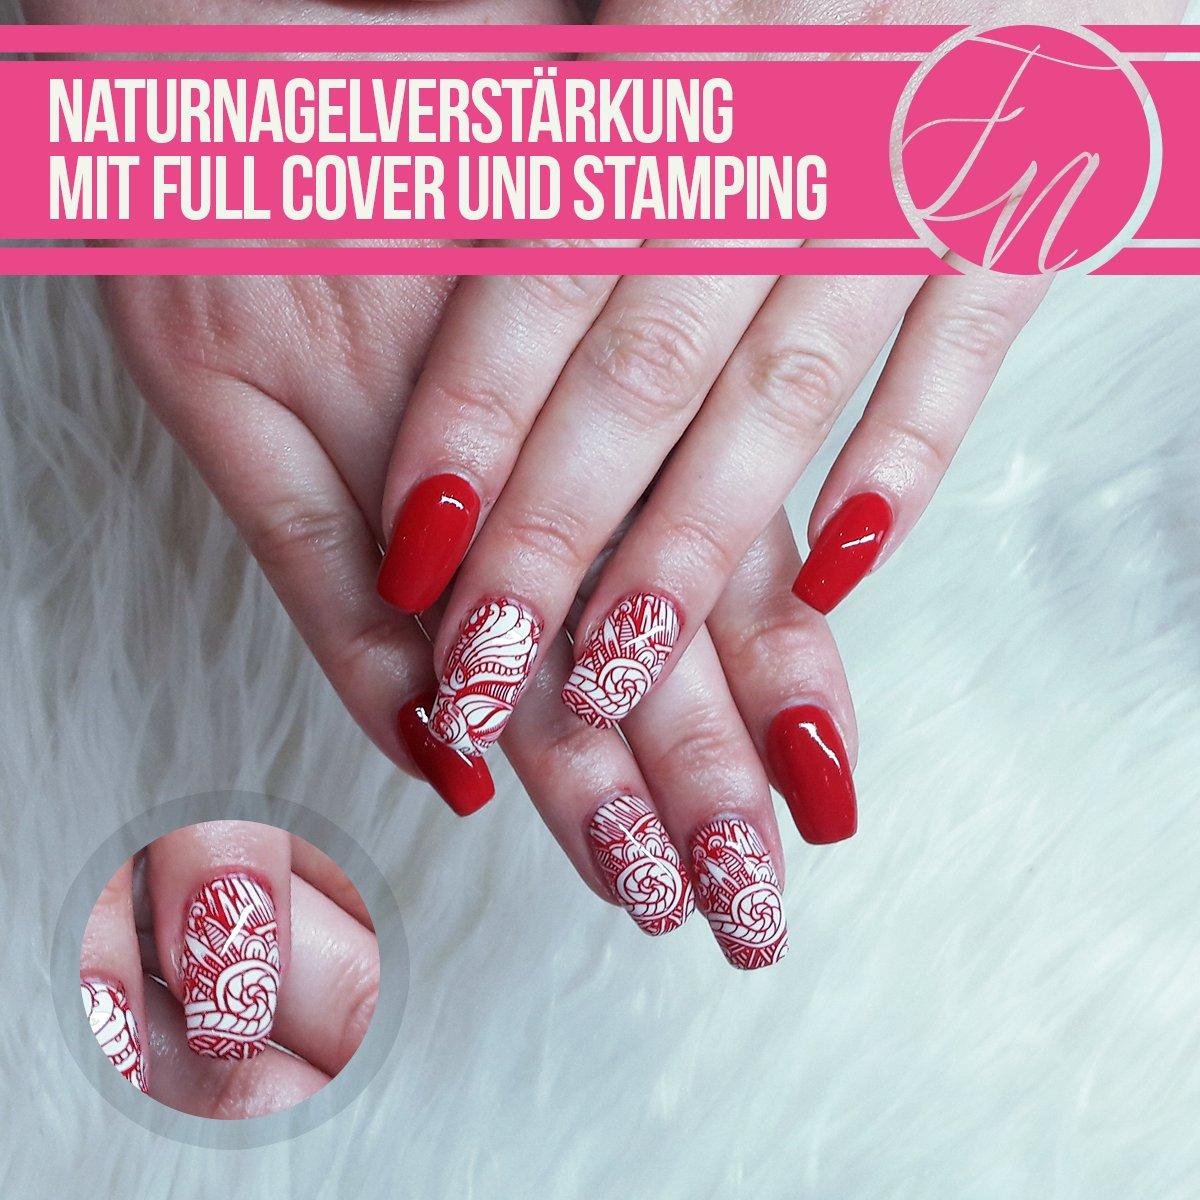 Ansprechend Nageldesign Rot Referenz Von #naturnagelverstaerkung Hashtag On Twitter